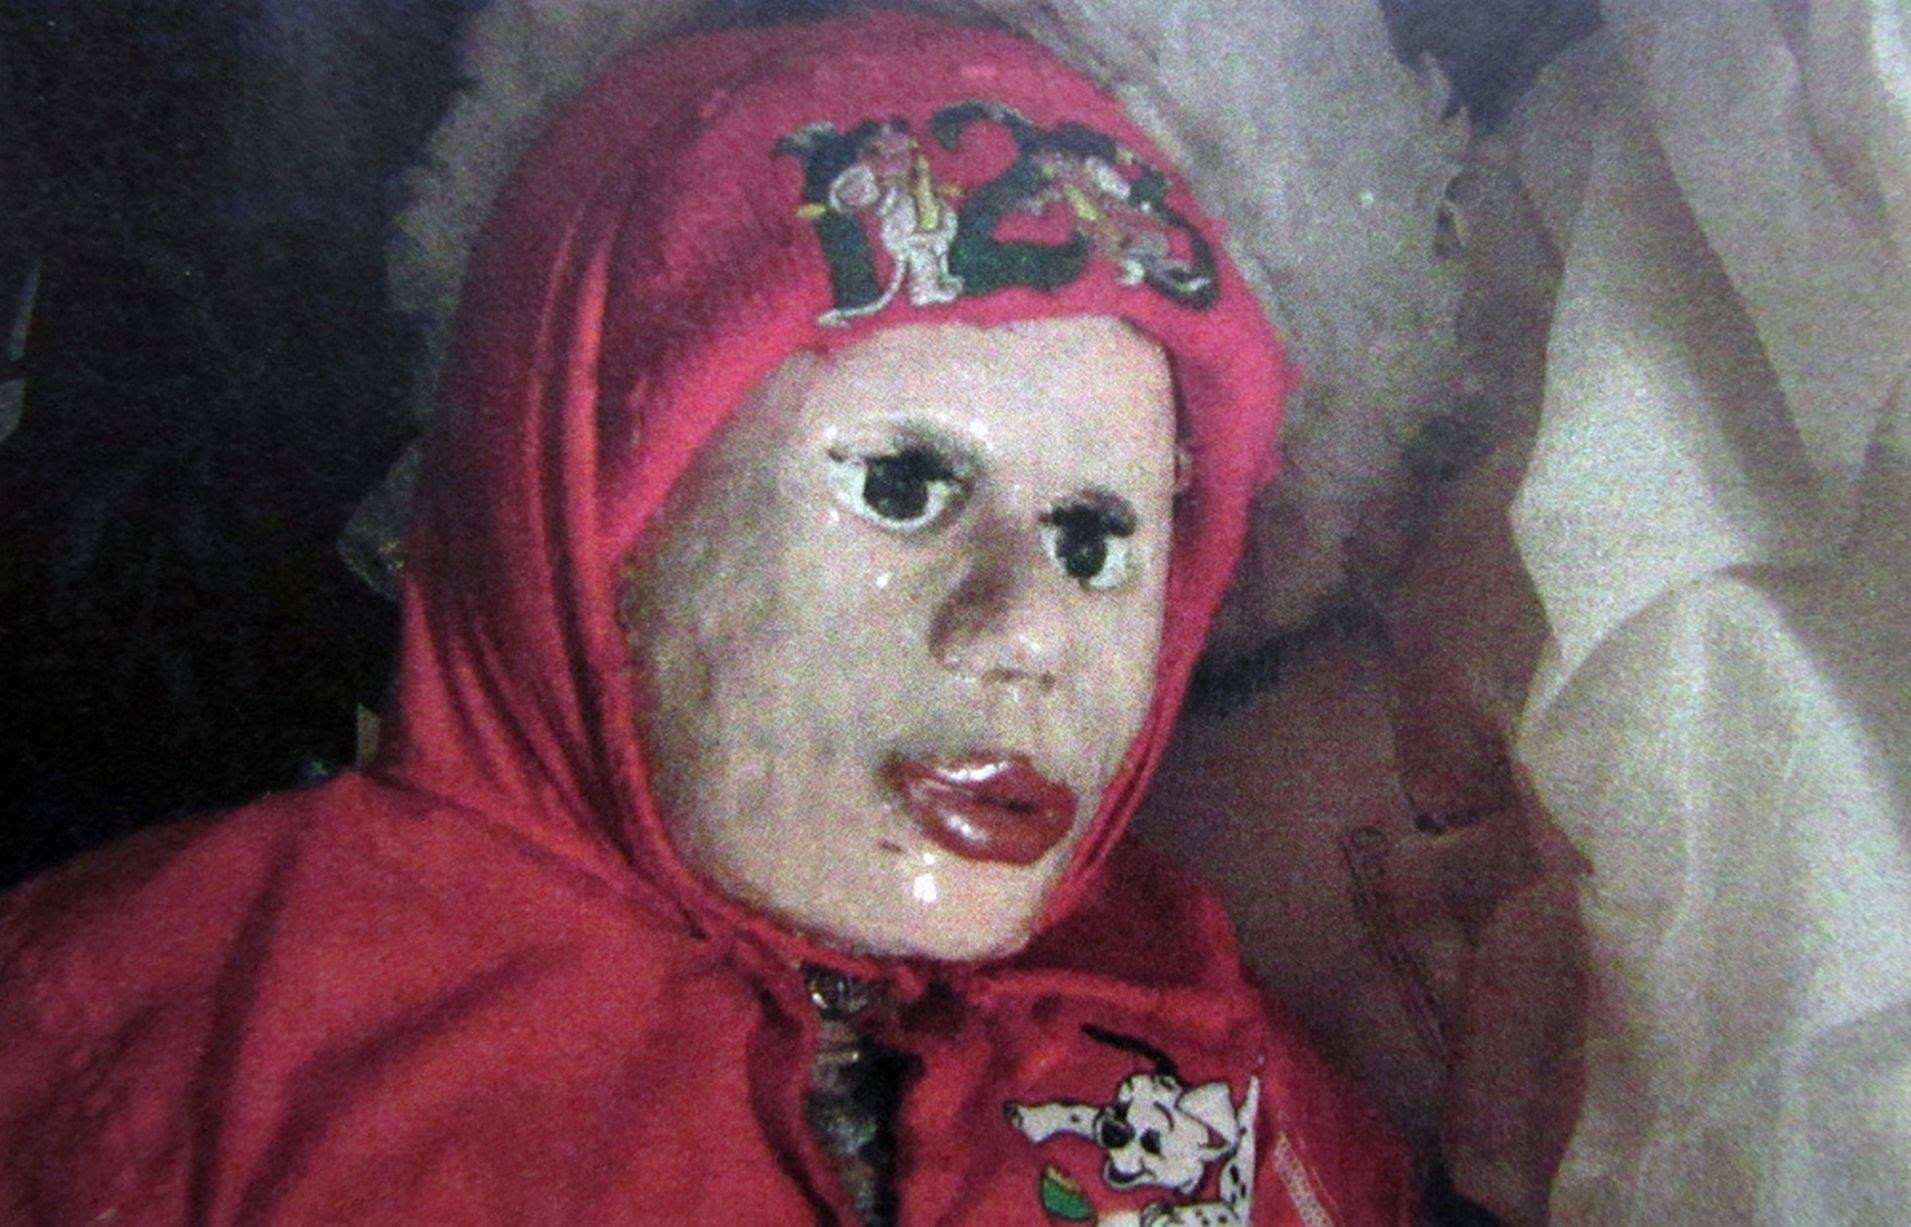 【※閲覧注意】29体の人形と同居していた男・・警察官が近くで見るとそれはなんと●●だった!!!